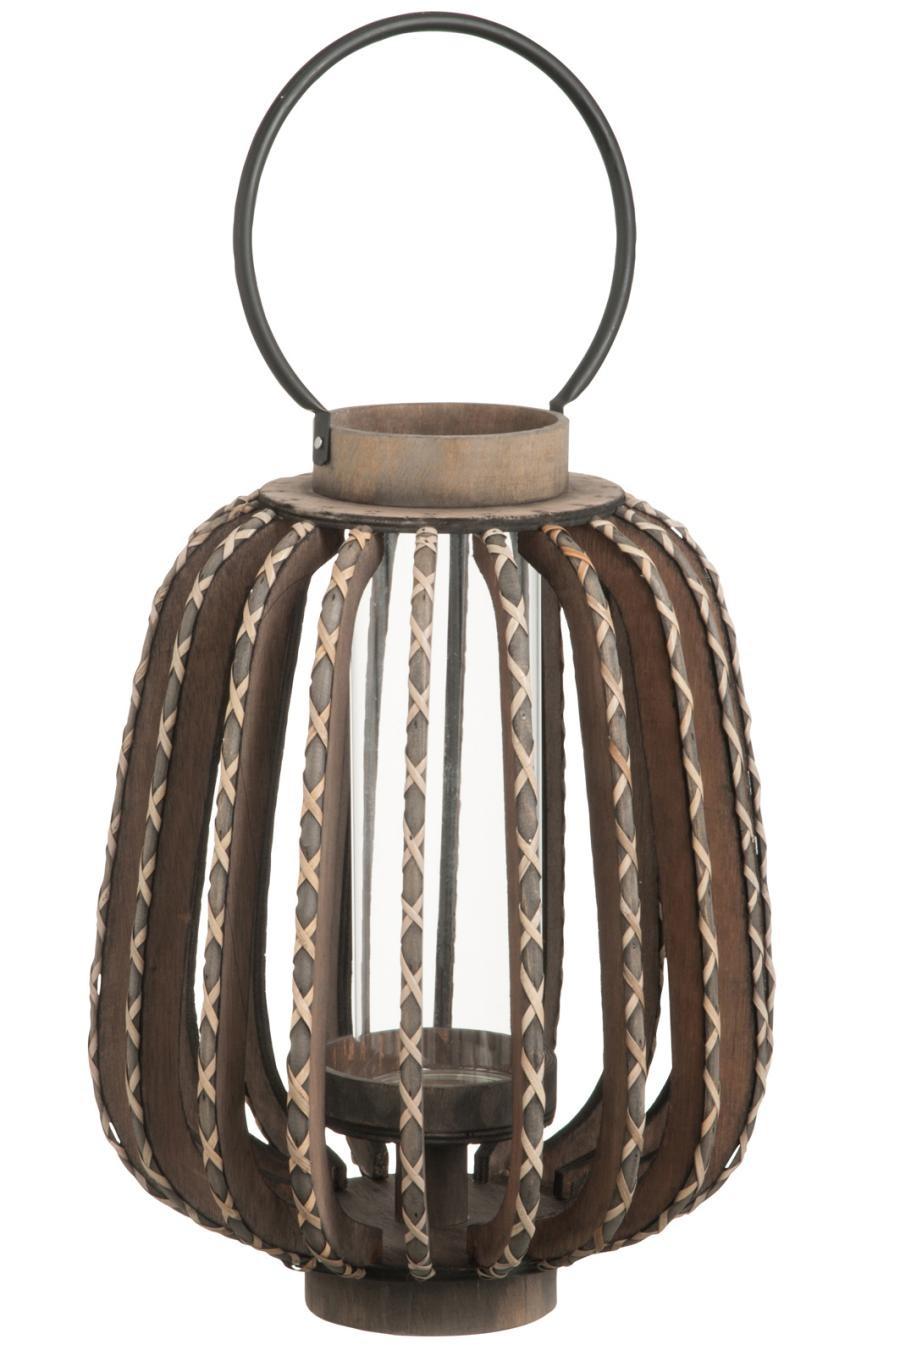 Lanterne naissance du Christ LxHxP 185x230x185mm Nouveau holzlaterne Photophore électrique